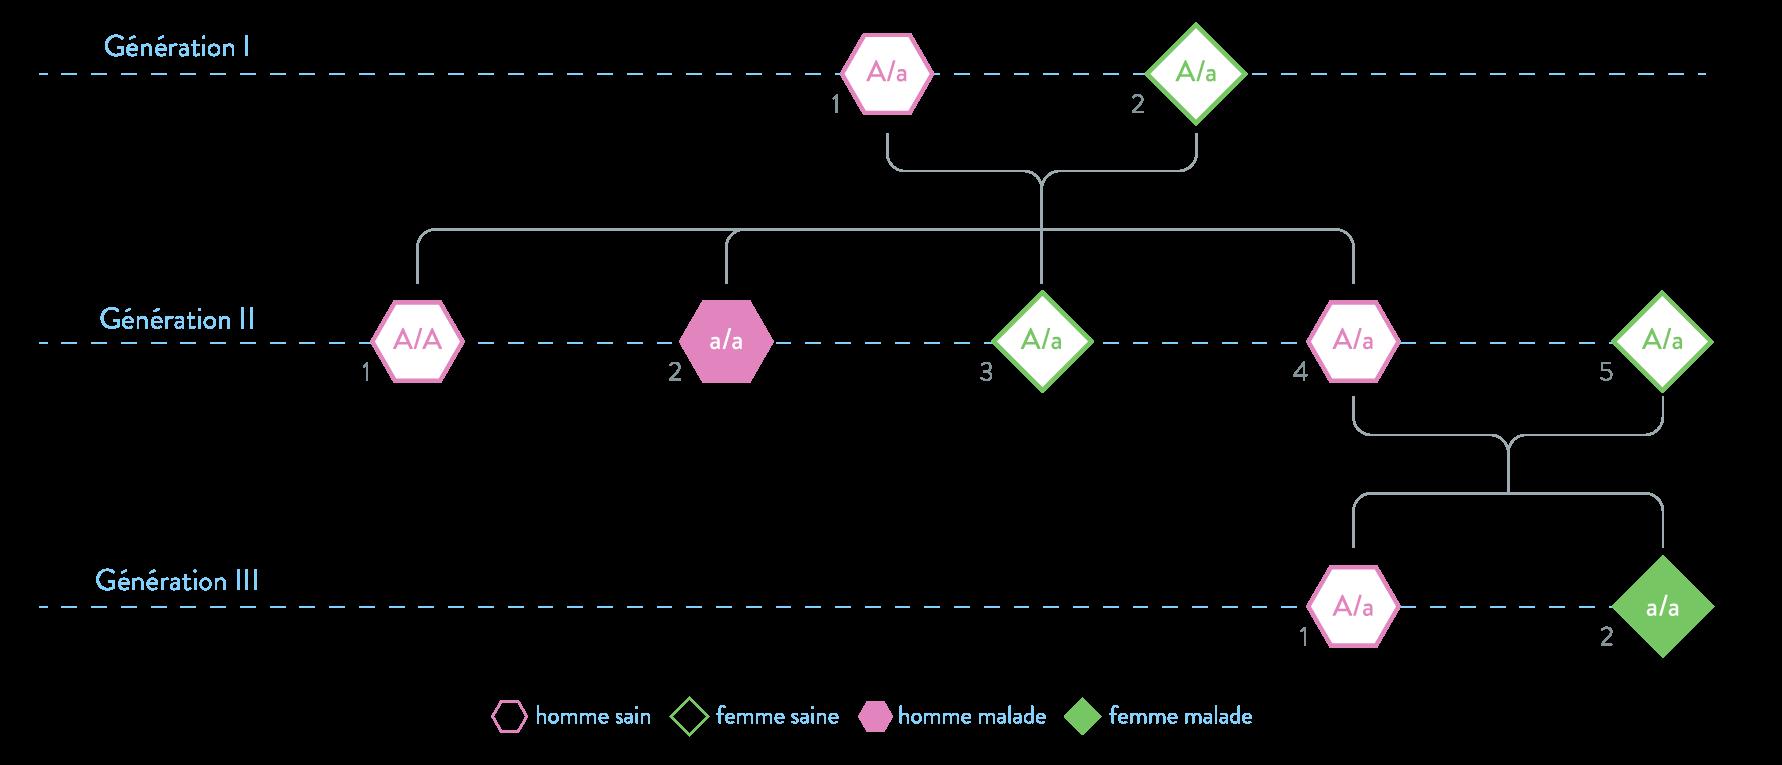 mucoviscidose arbre généalogique allèle